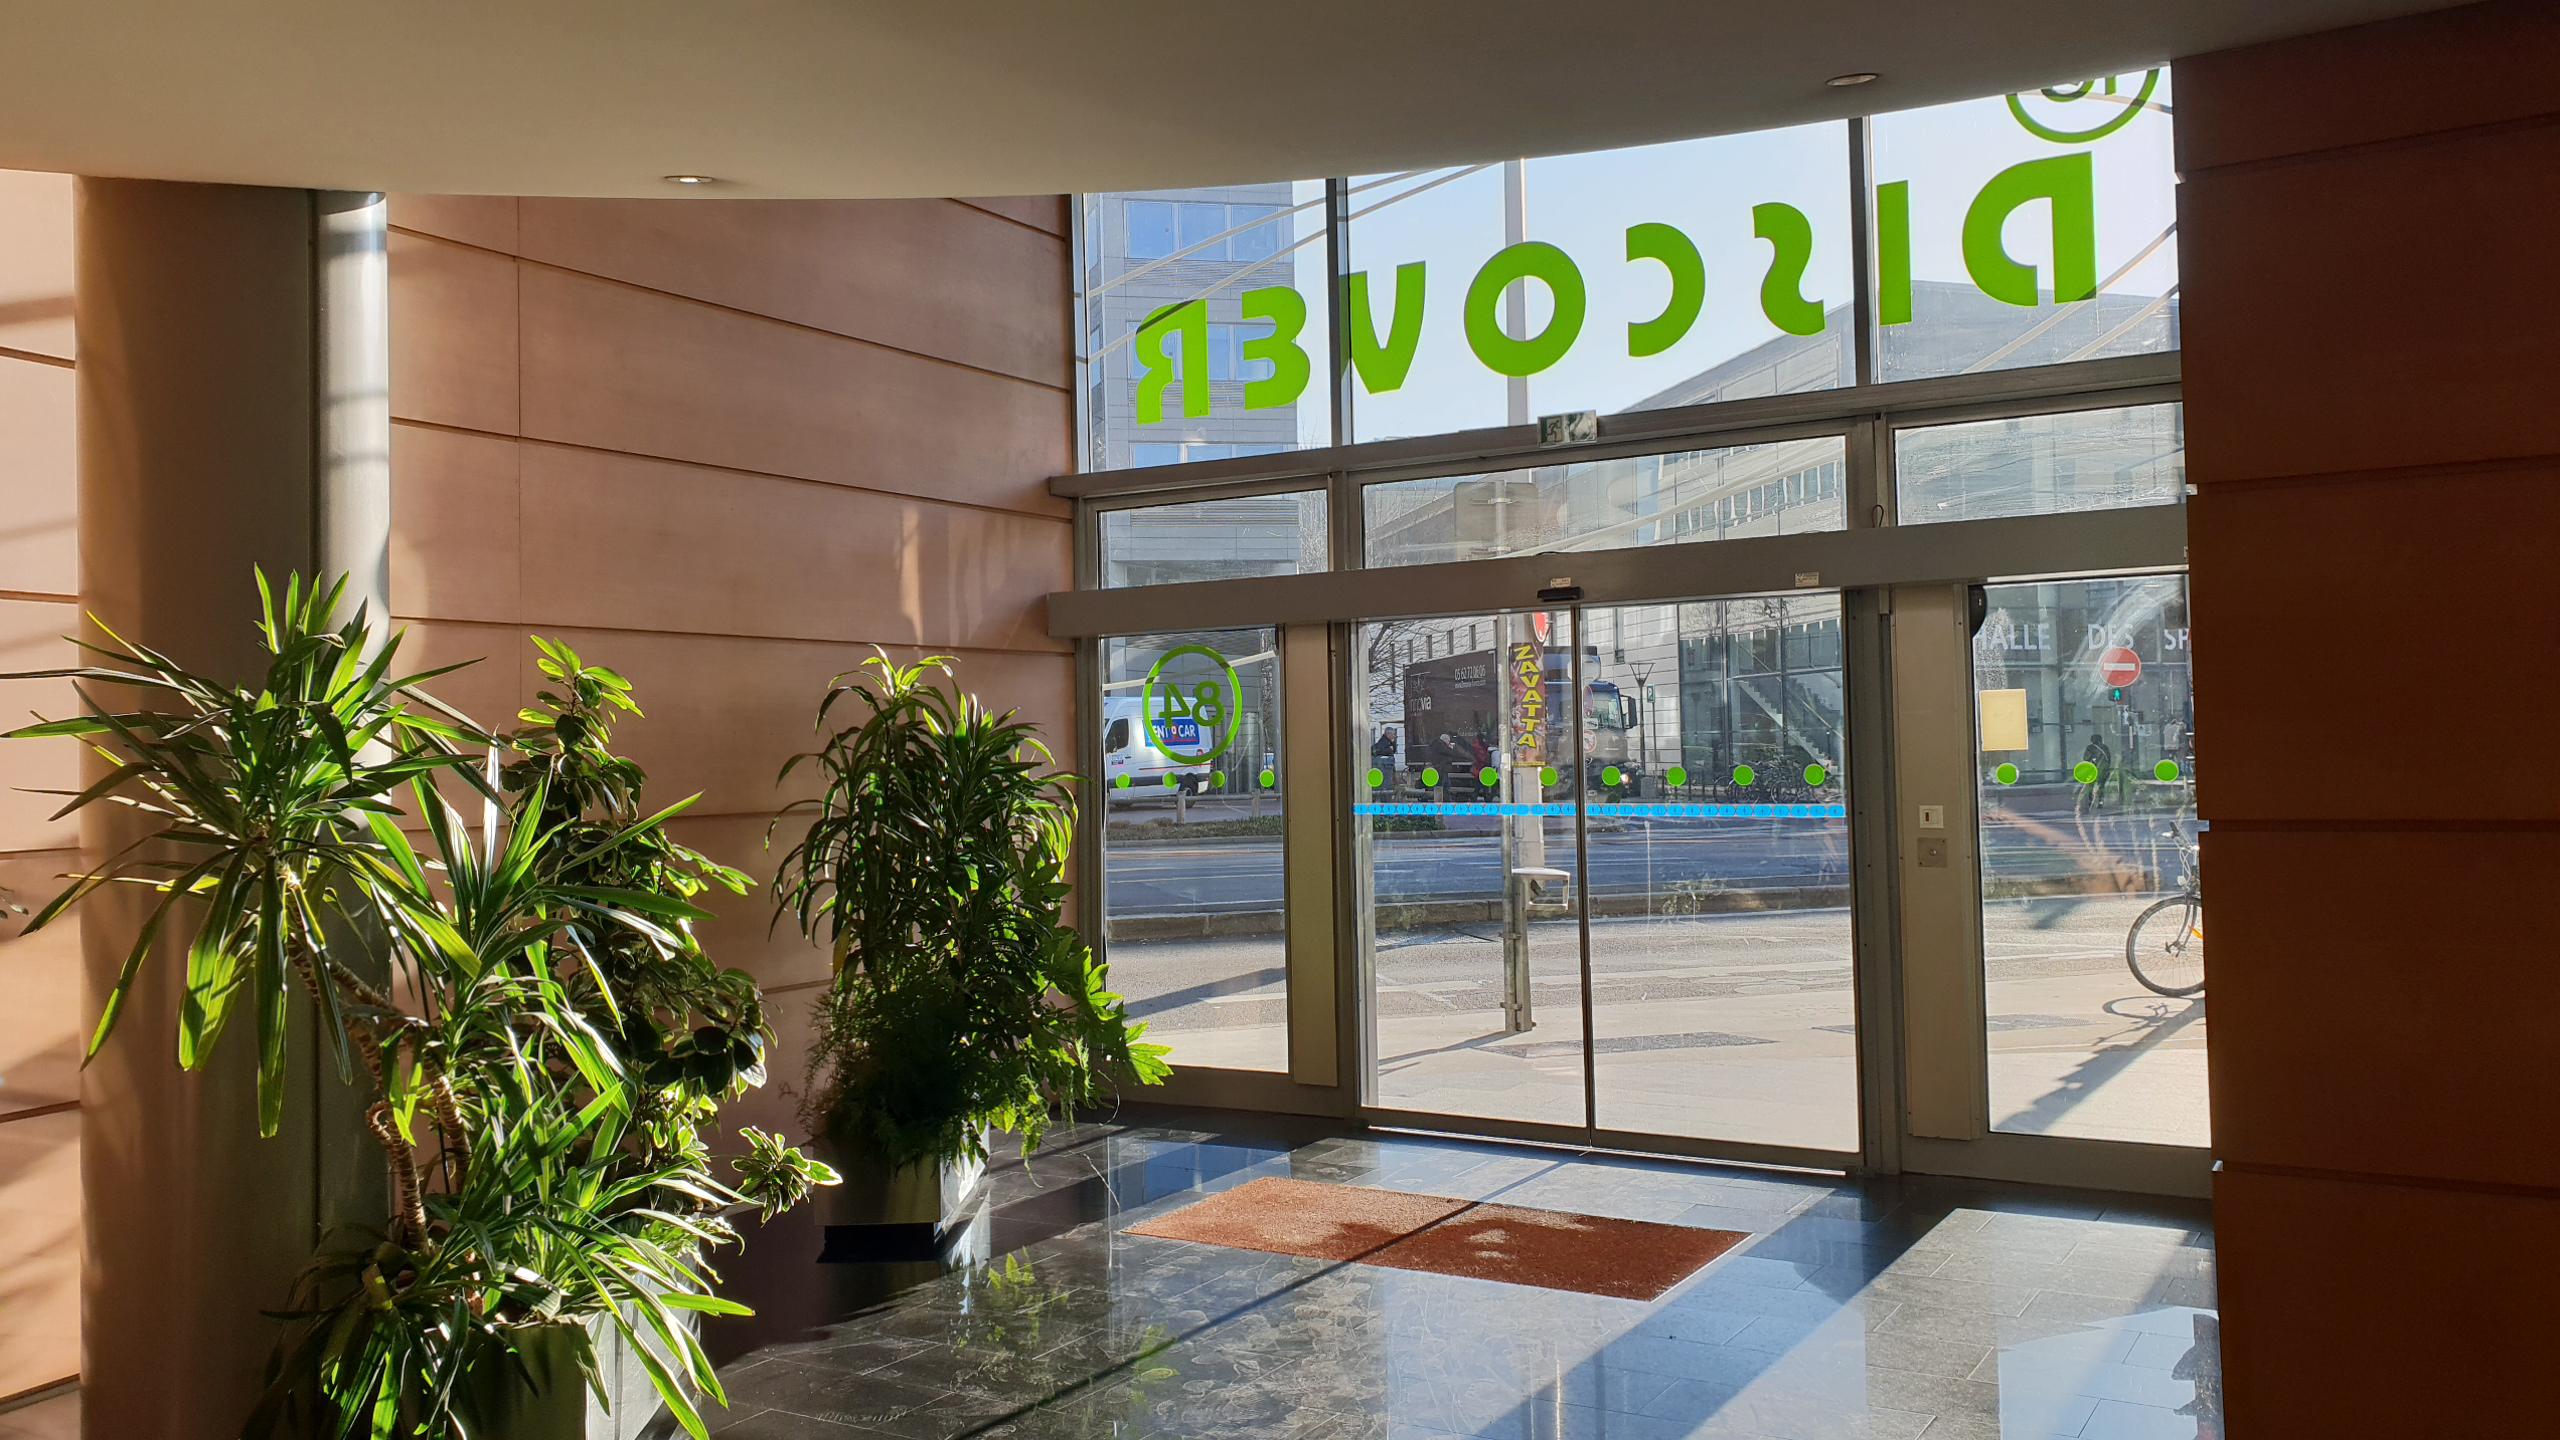 Hall d'entrée existant de l'immeuble